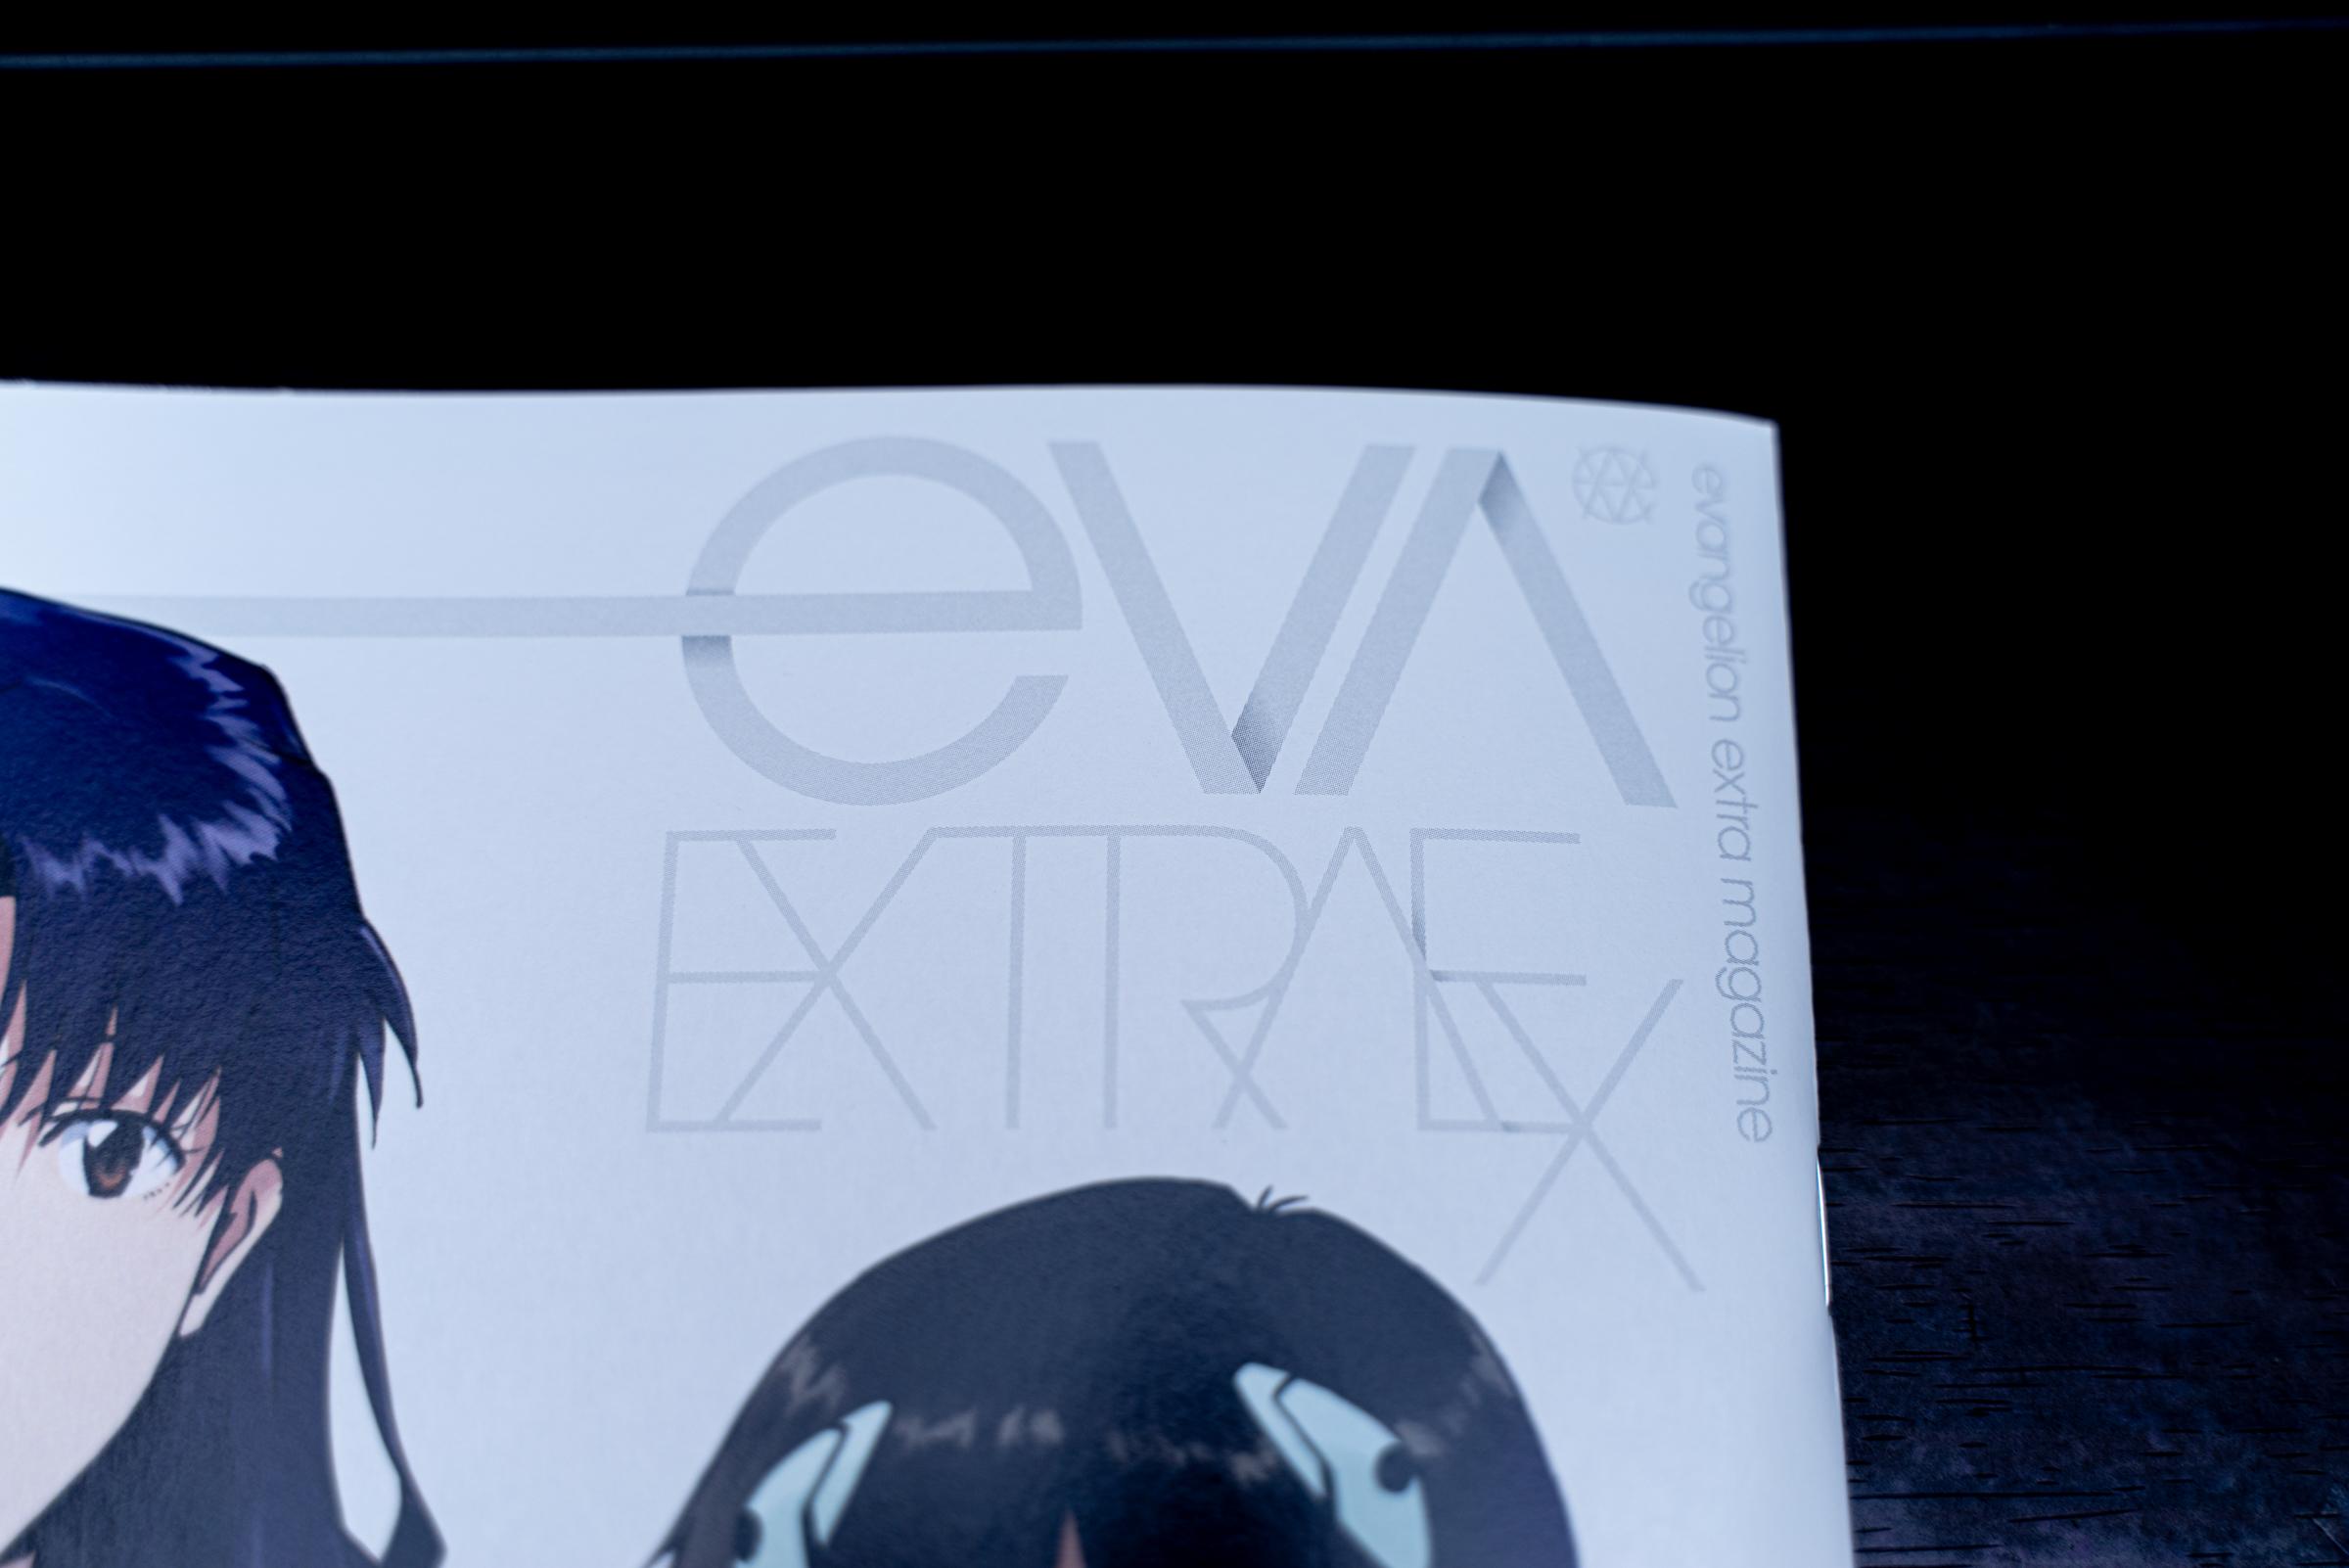 「シンエヴァの薄い本」こと、入場者プレゼント 公式謹製36P冊子『EVA-EXTRA-EXTRA』をゲット! → 入手しないと絶対後悔するヤバいやつだった